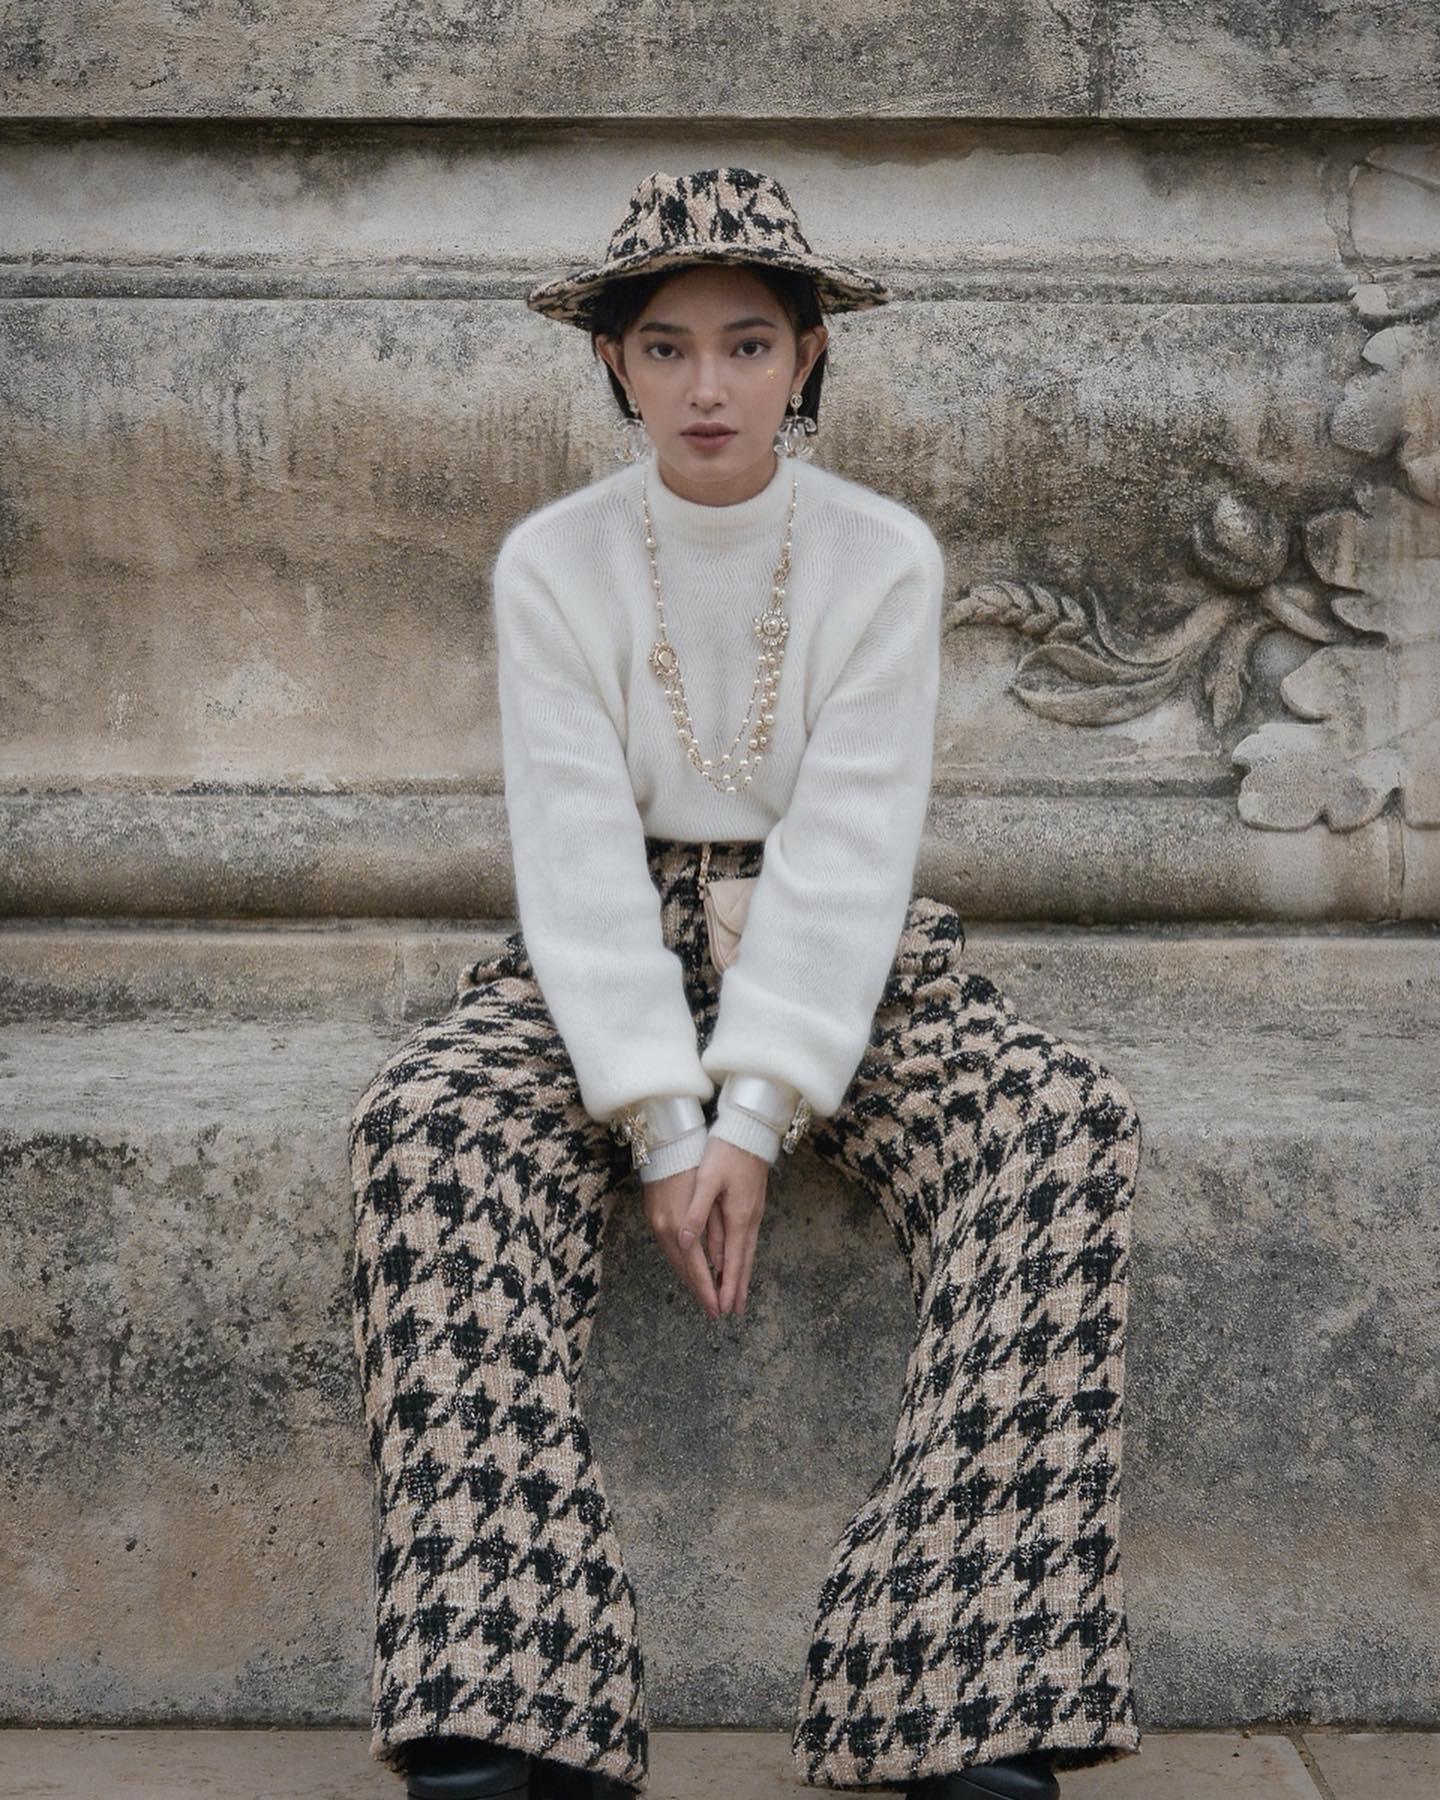 Châu Bùi show Chanel